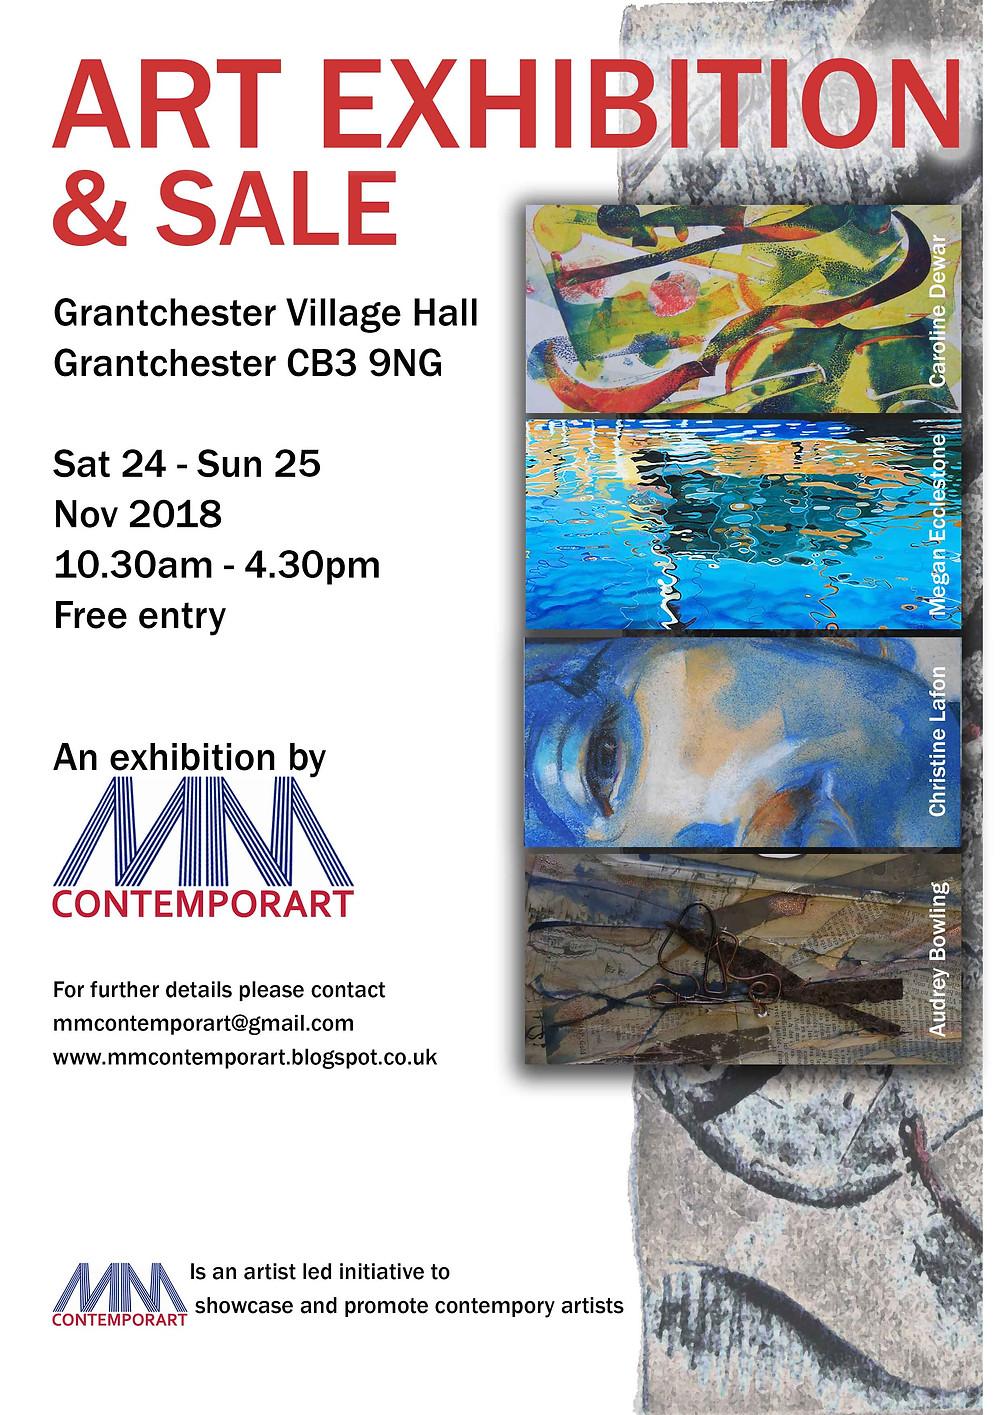 Art Exhibition Grantchester Village Hall Poster